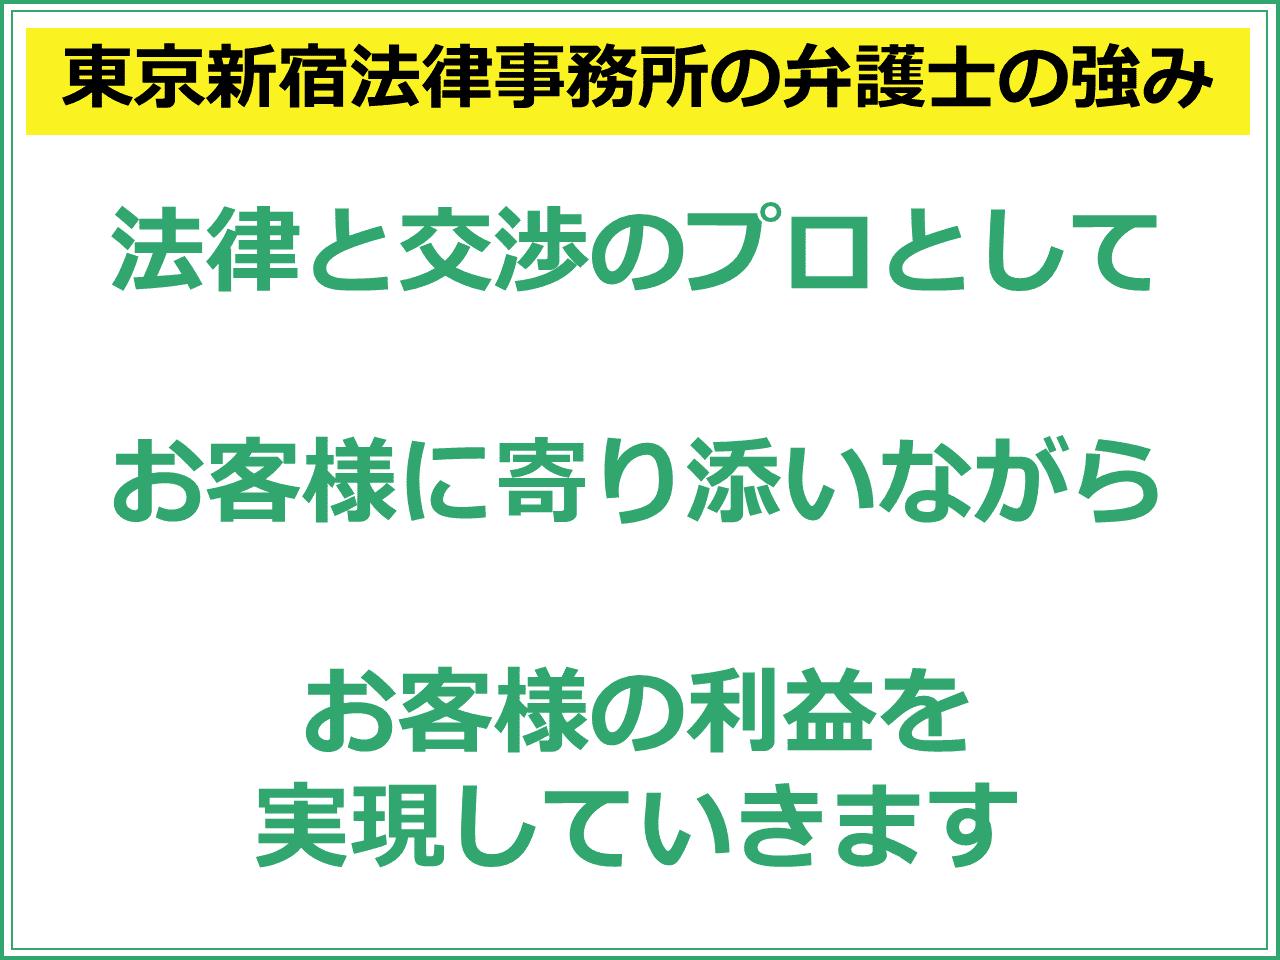 東京新宿法律事務所の弁護士の強み:法律と交渉のプロとして  お客様に寄り添いながらお客様の利益を実現していきます。